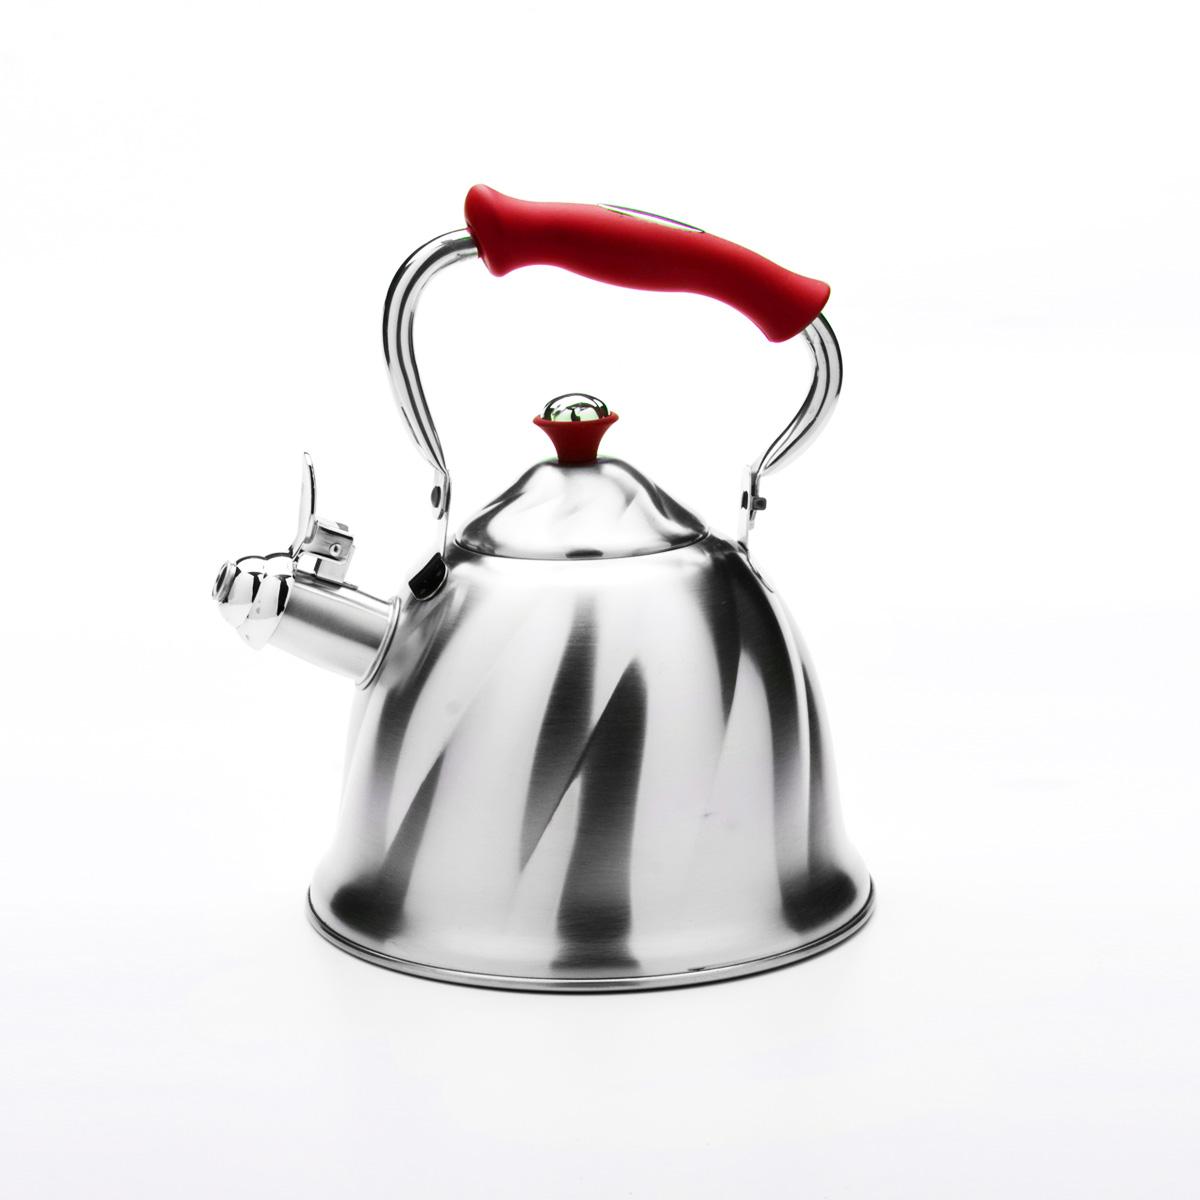 Чайник Mayer & Boch со свистком, цвет: красный, 3 л. 2377623776Чайник Mayer & Boch выполнен из высококачественной нержавеющей стали, что обеспечивает долговечность использования. Внешнее матовоепокрытие придает приятный внешний вид. Фиксированная ручка из бакелита делает использование чайника очень удобным и безопасным. Чайник снабжен свистком и устройством для открывания носика. Можно мыть в посудомоечной машине. Пригоден для всех видов плит, кроме индукционных. Высота чайника (без учета крышки и ручки): 13 см.Диаметр основания: 21 см.